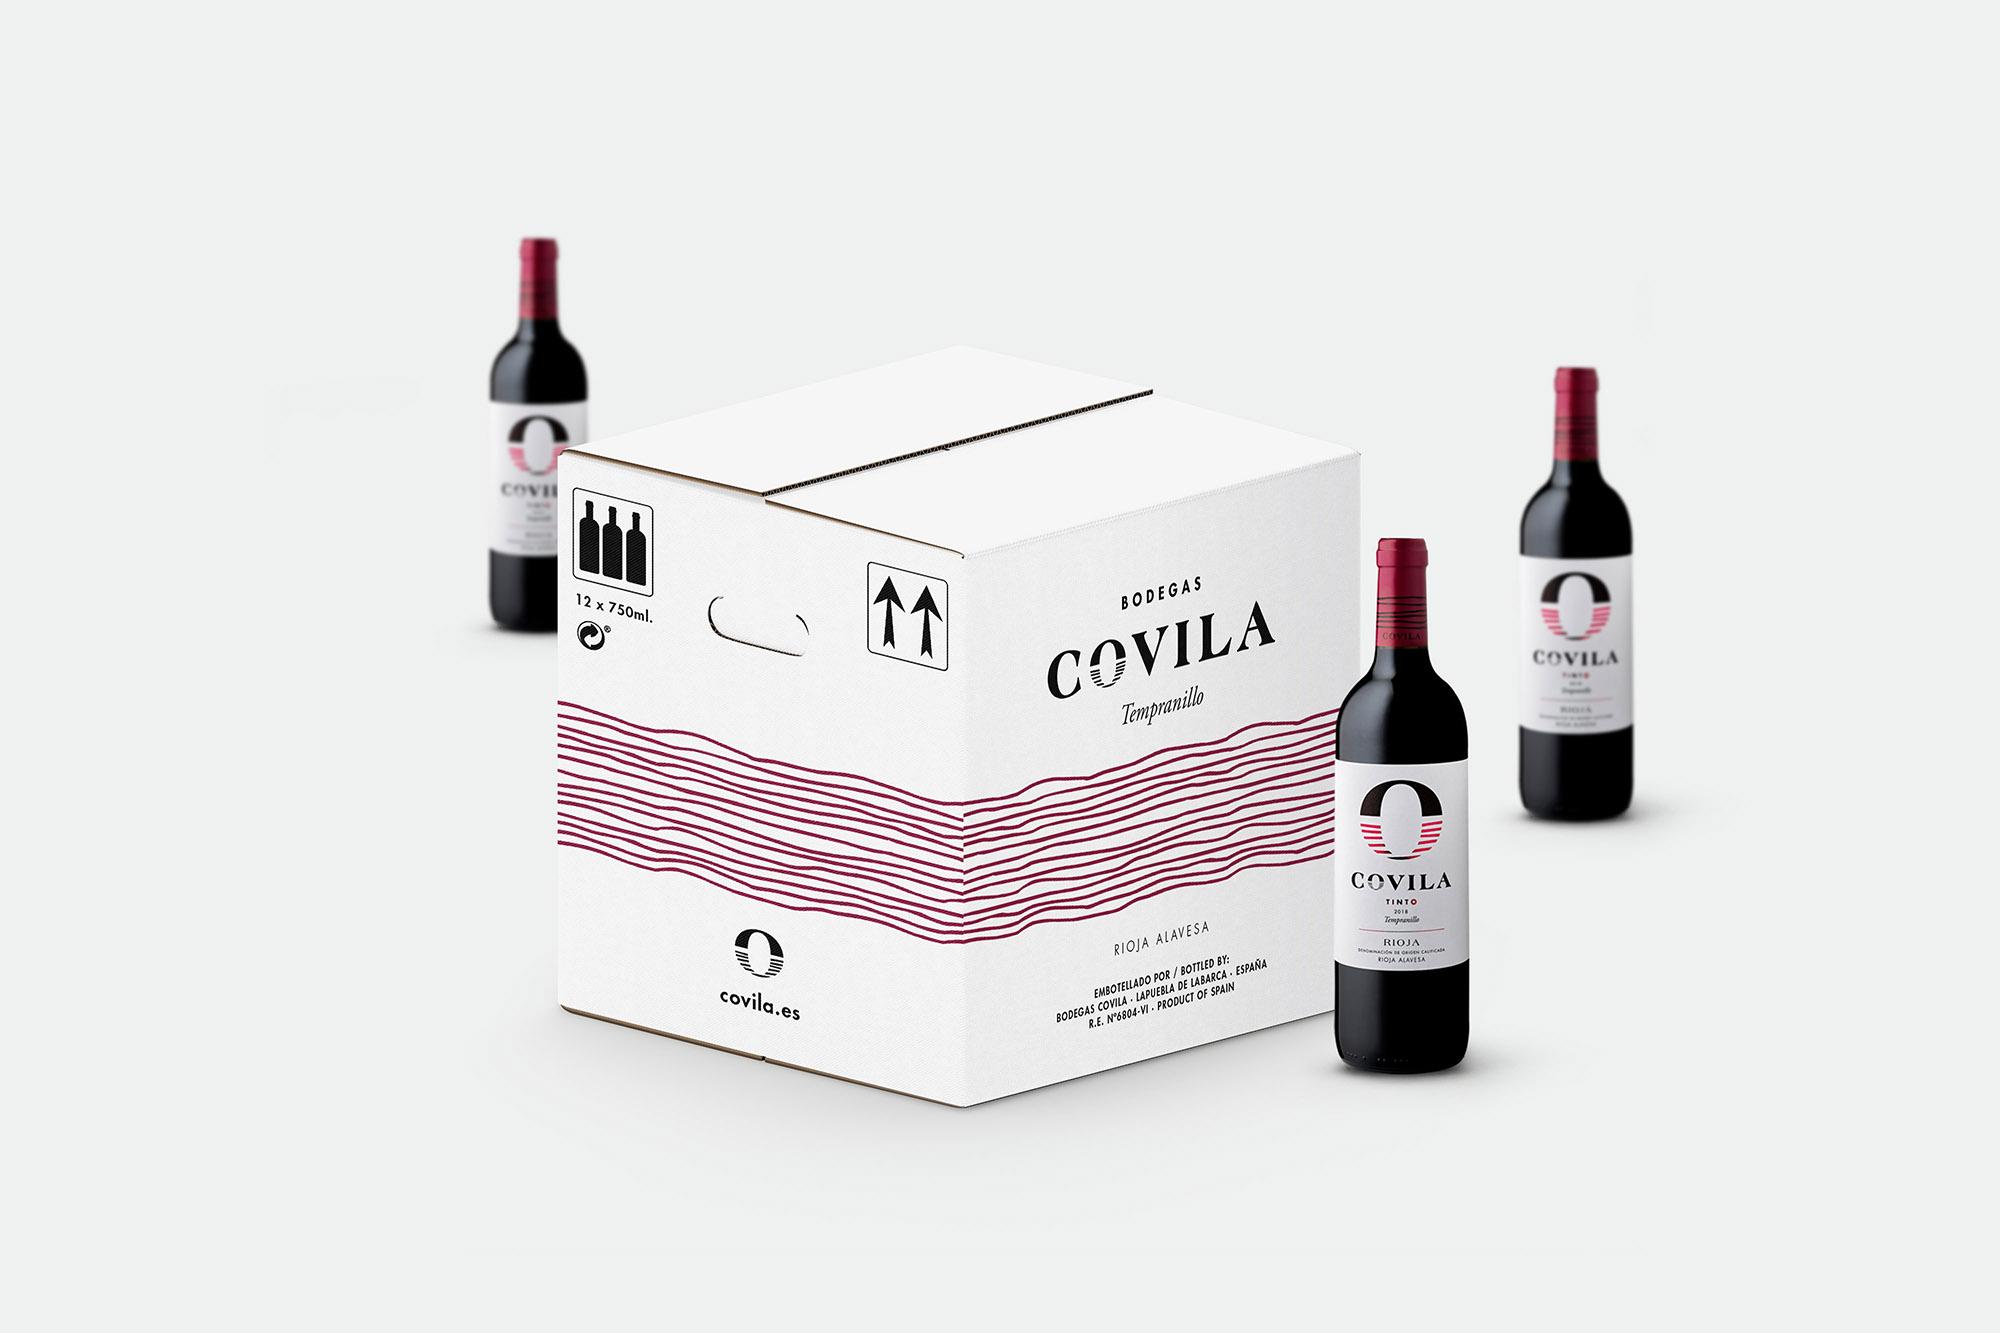 COVILA_caja